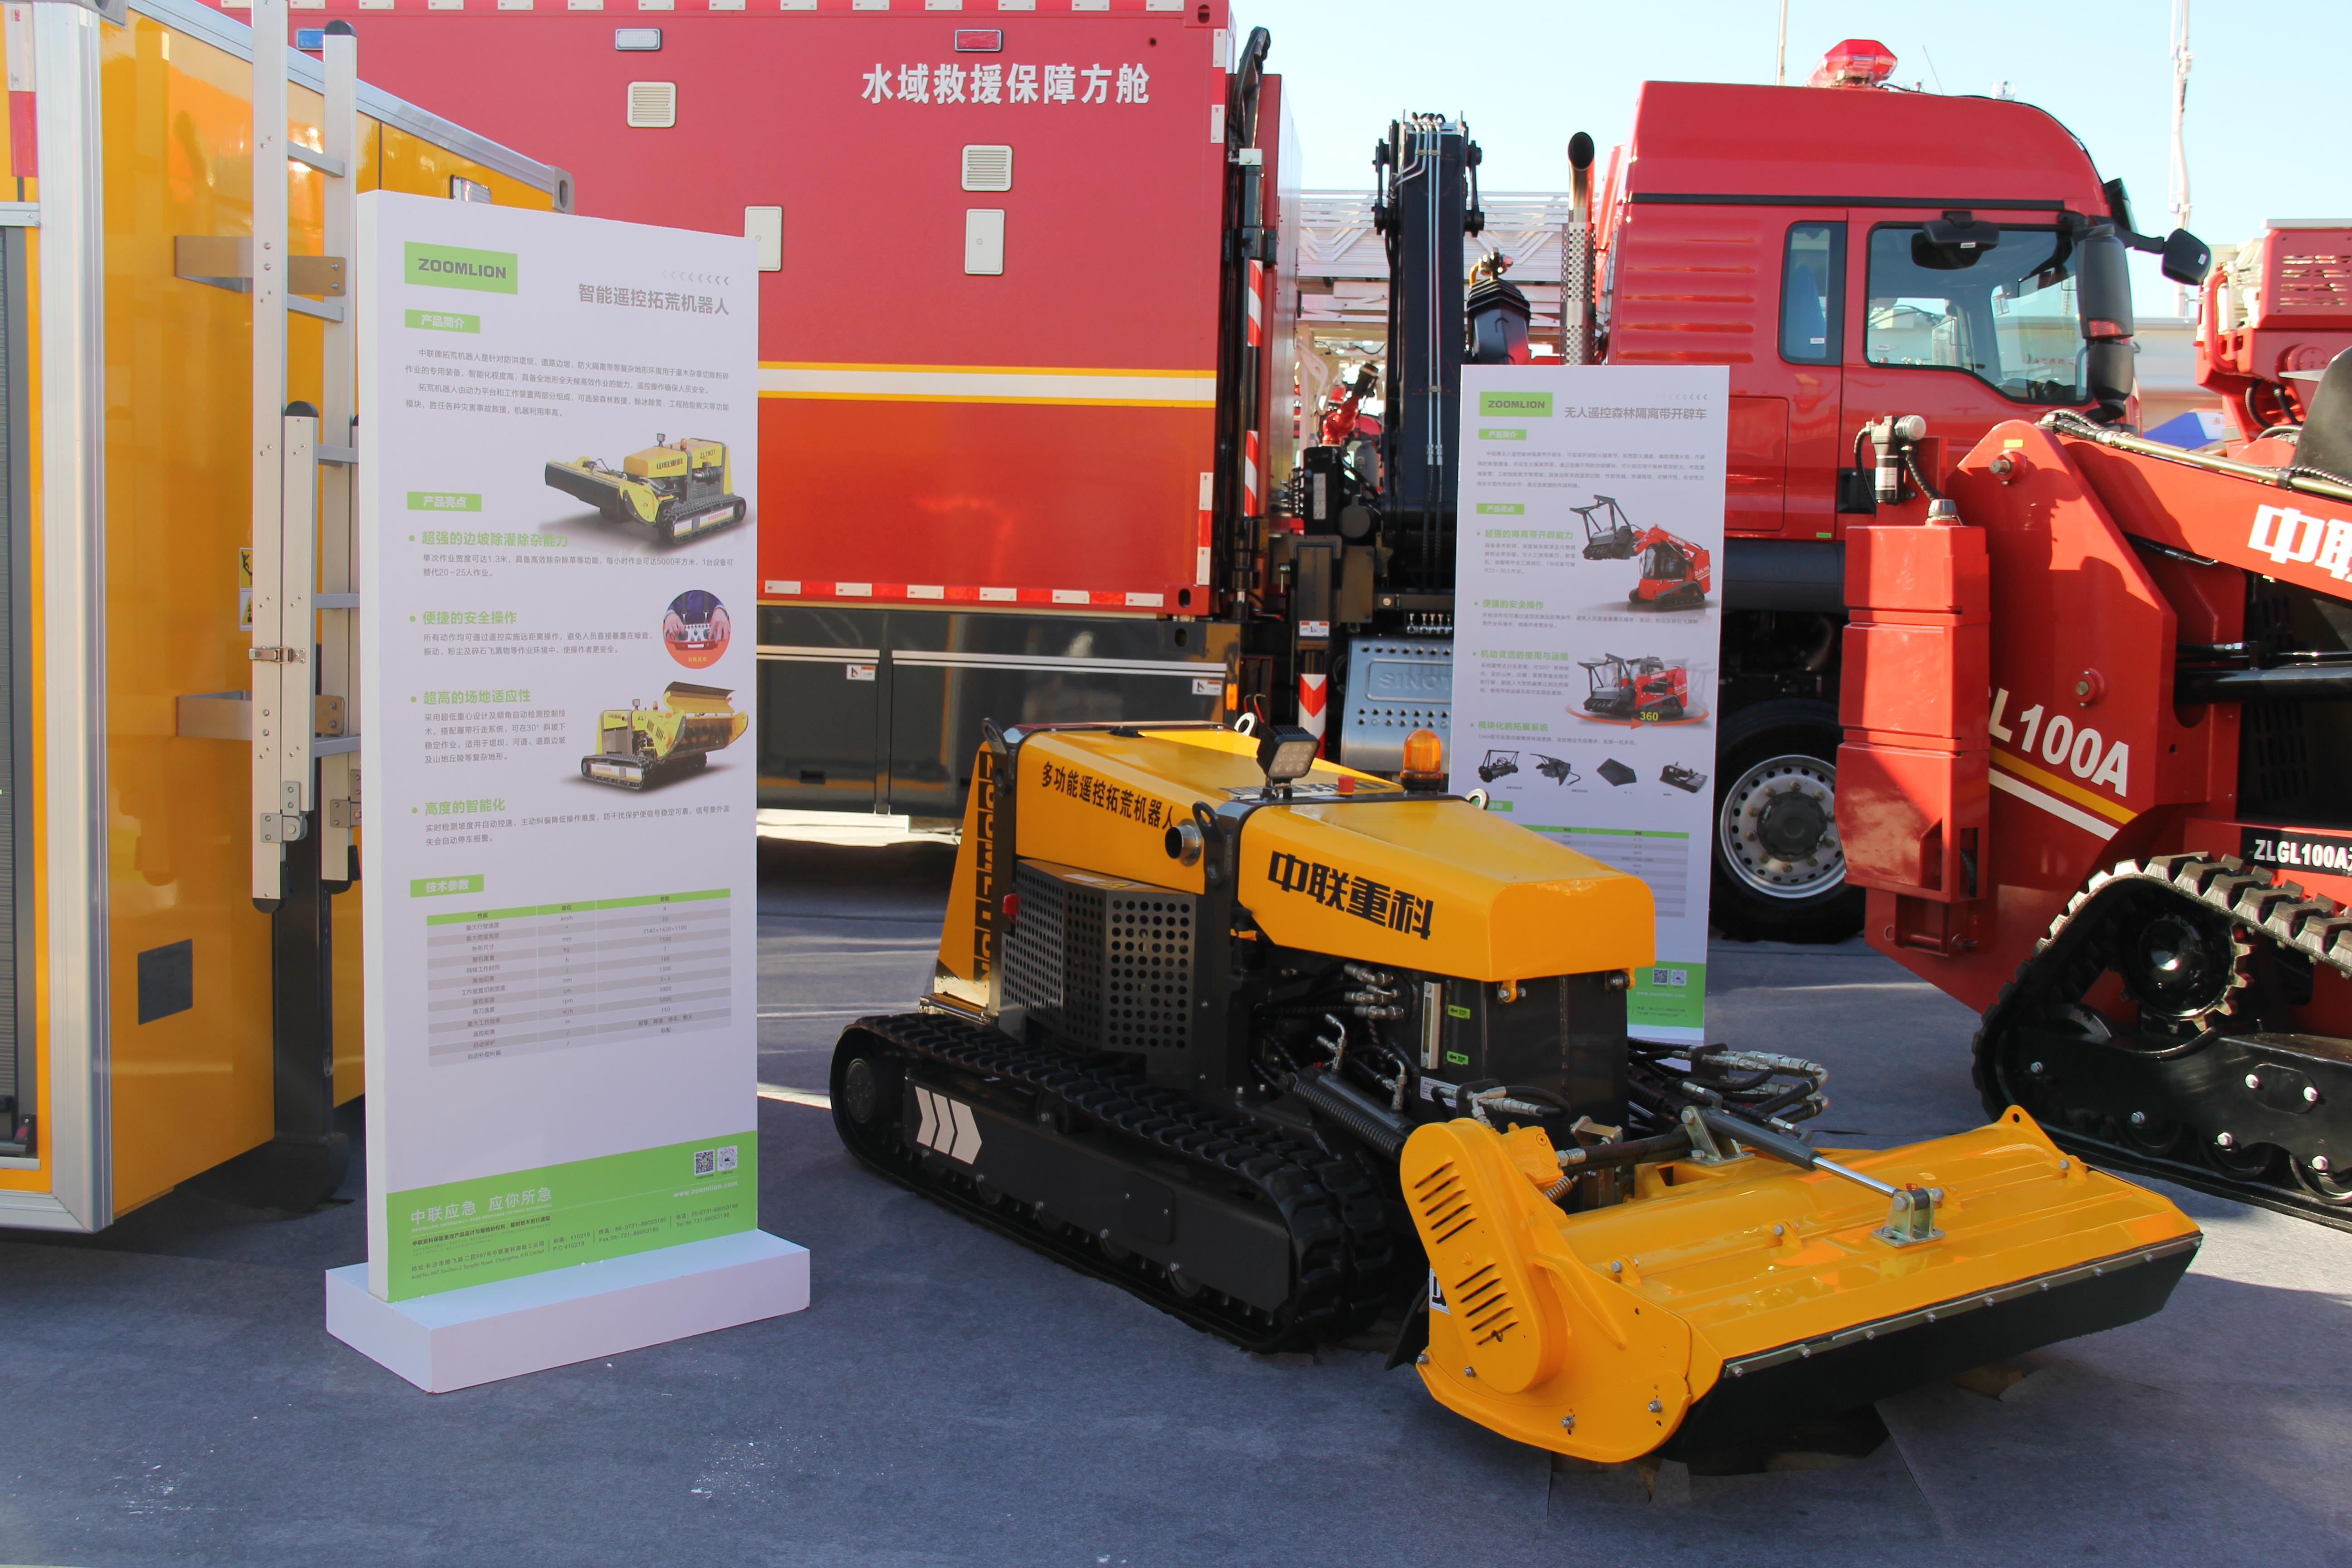 实力领航应急救援领域!中联重科15款高端应急装备亮相国际消防展